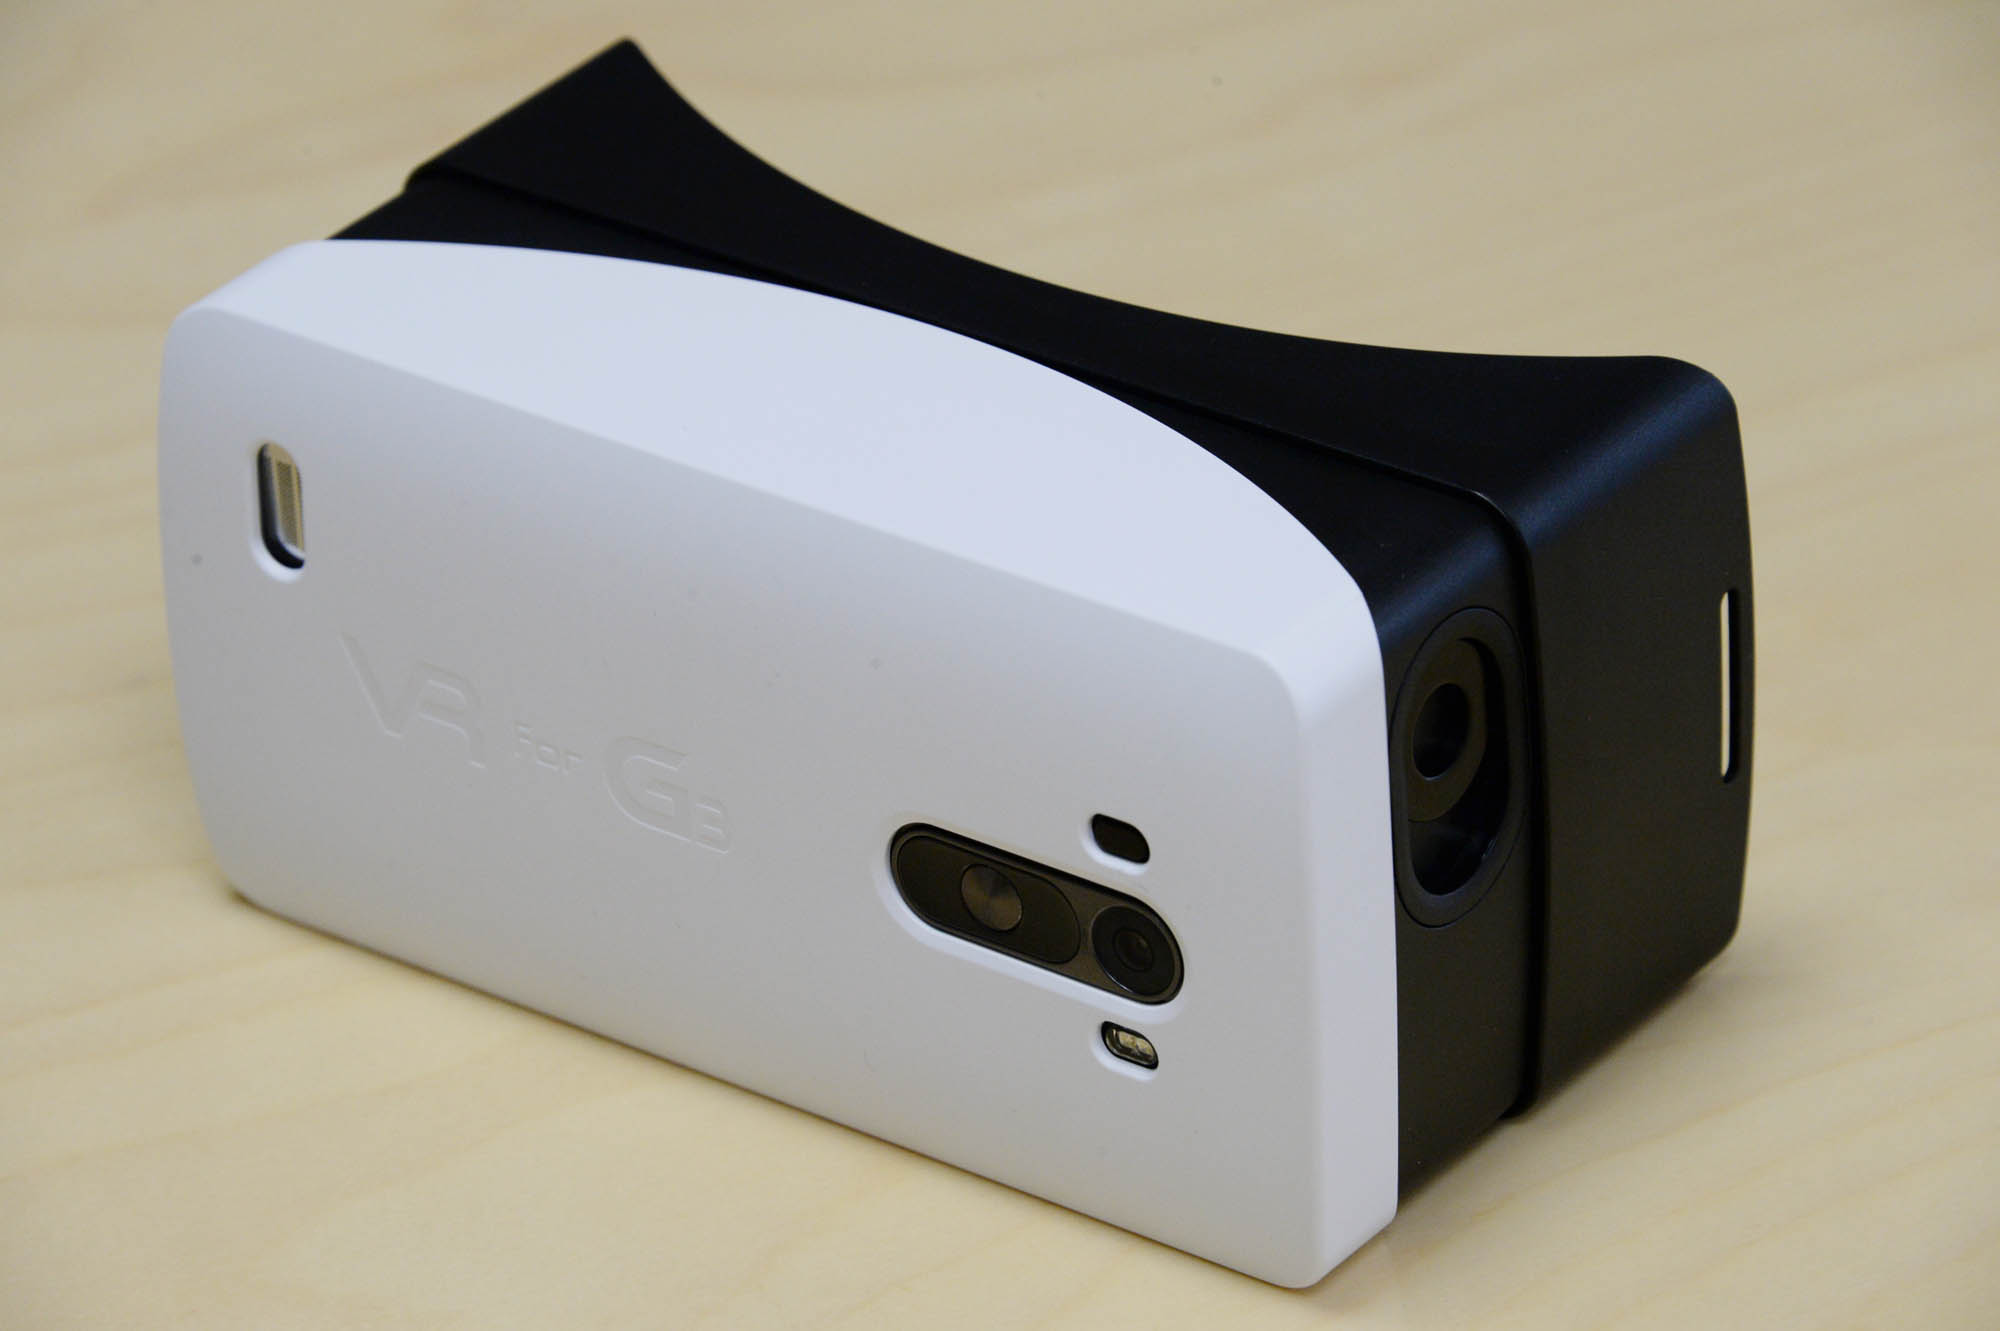 Google очки виртуальной реальности светофильтр nd16 спарк выгодно